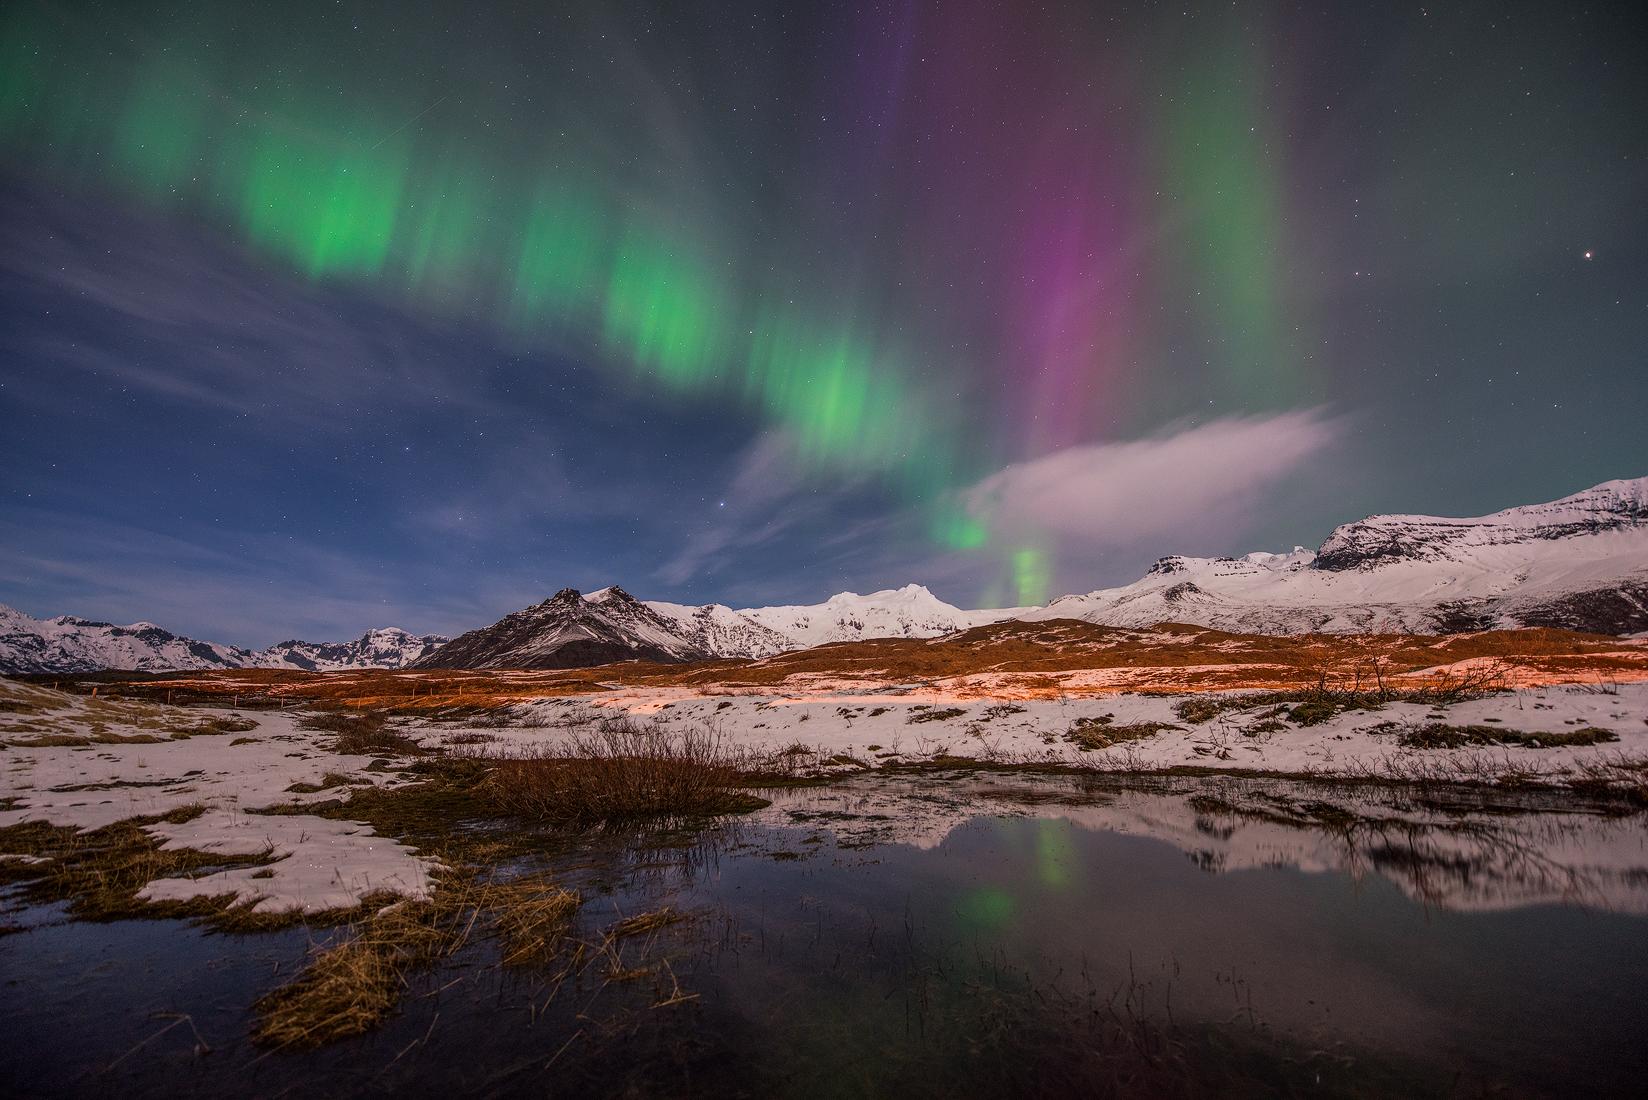 I paesaggi innevati dell'Islanda offrono un paese delle meraviglie ghiacciato, che fa da sfondo all'Aurora Boreale.